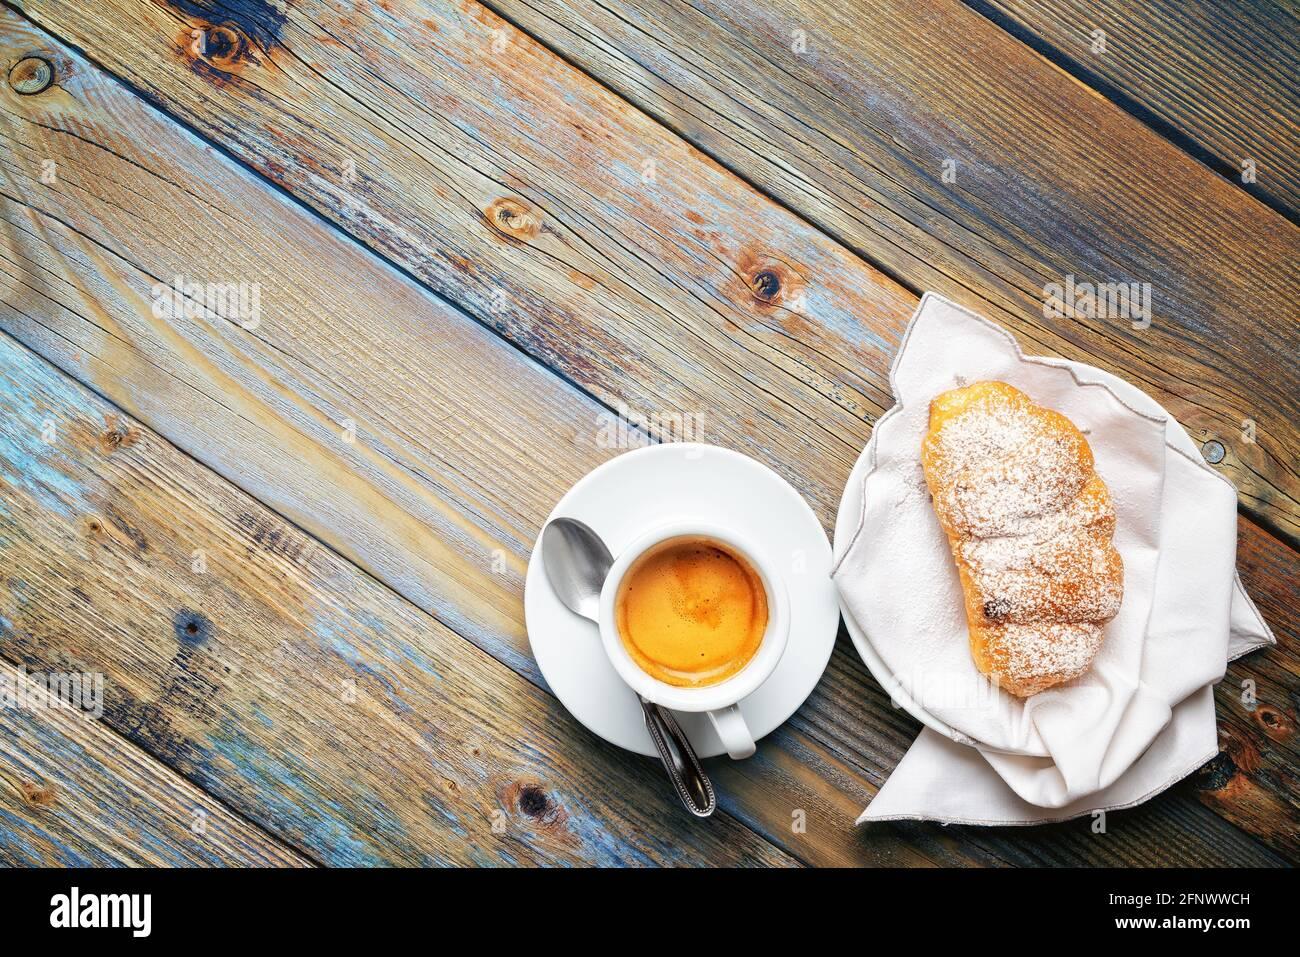 Vue de dessus. Tasse de café expresso italien chaud et croissants sur fond de bois rustique bleu clair. Nourriture et boissons. Style de vie. Banque D'Images